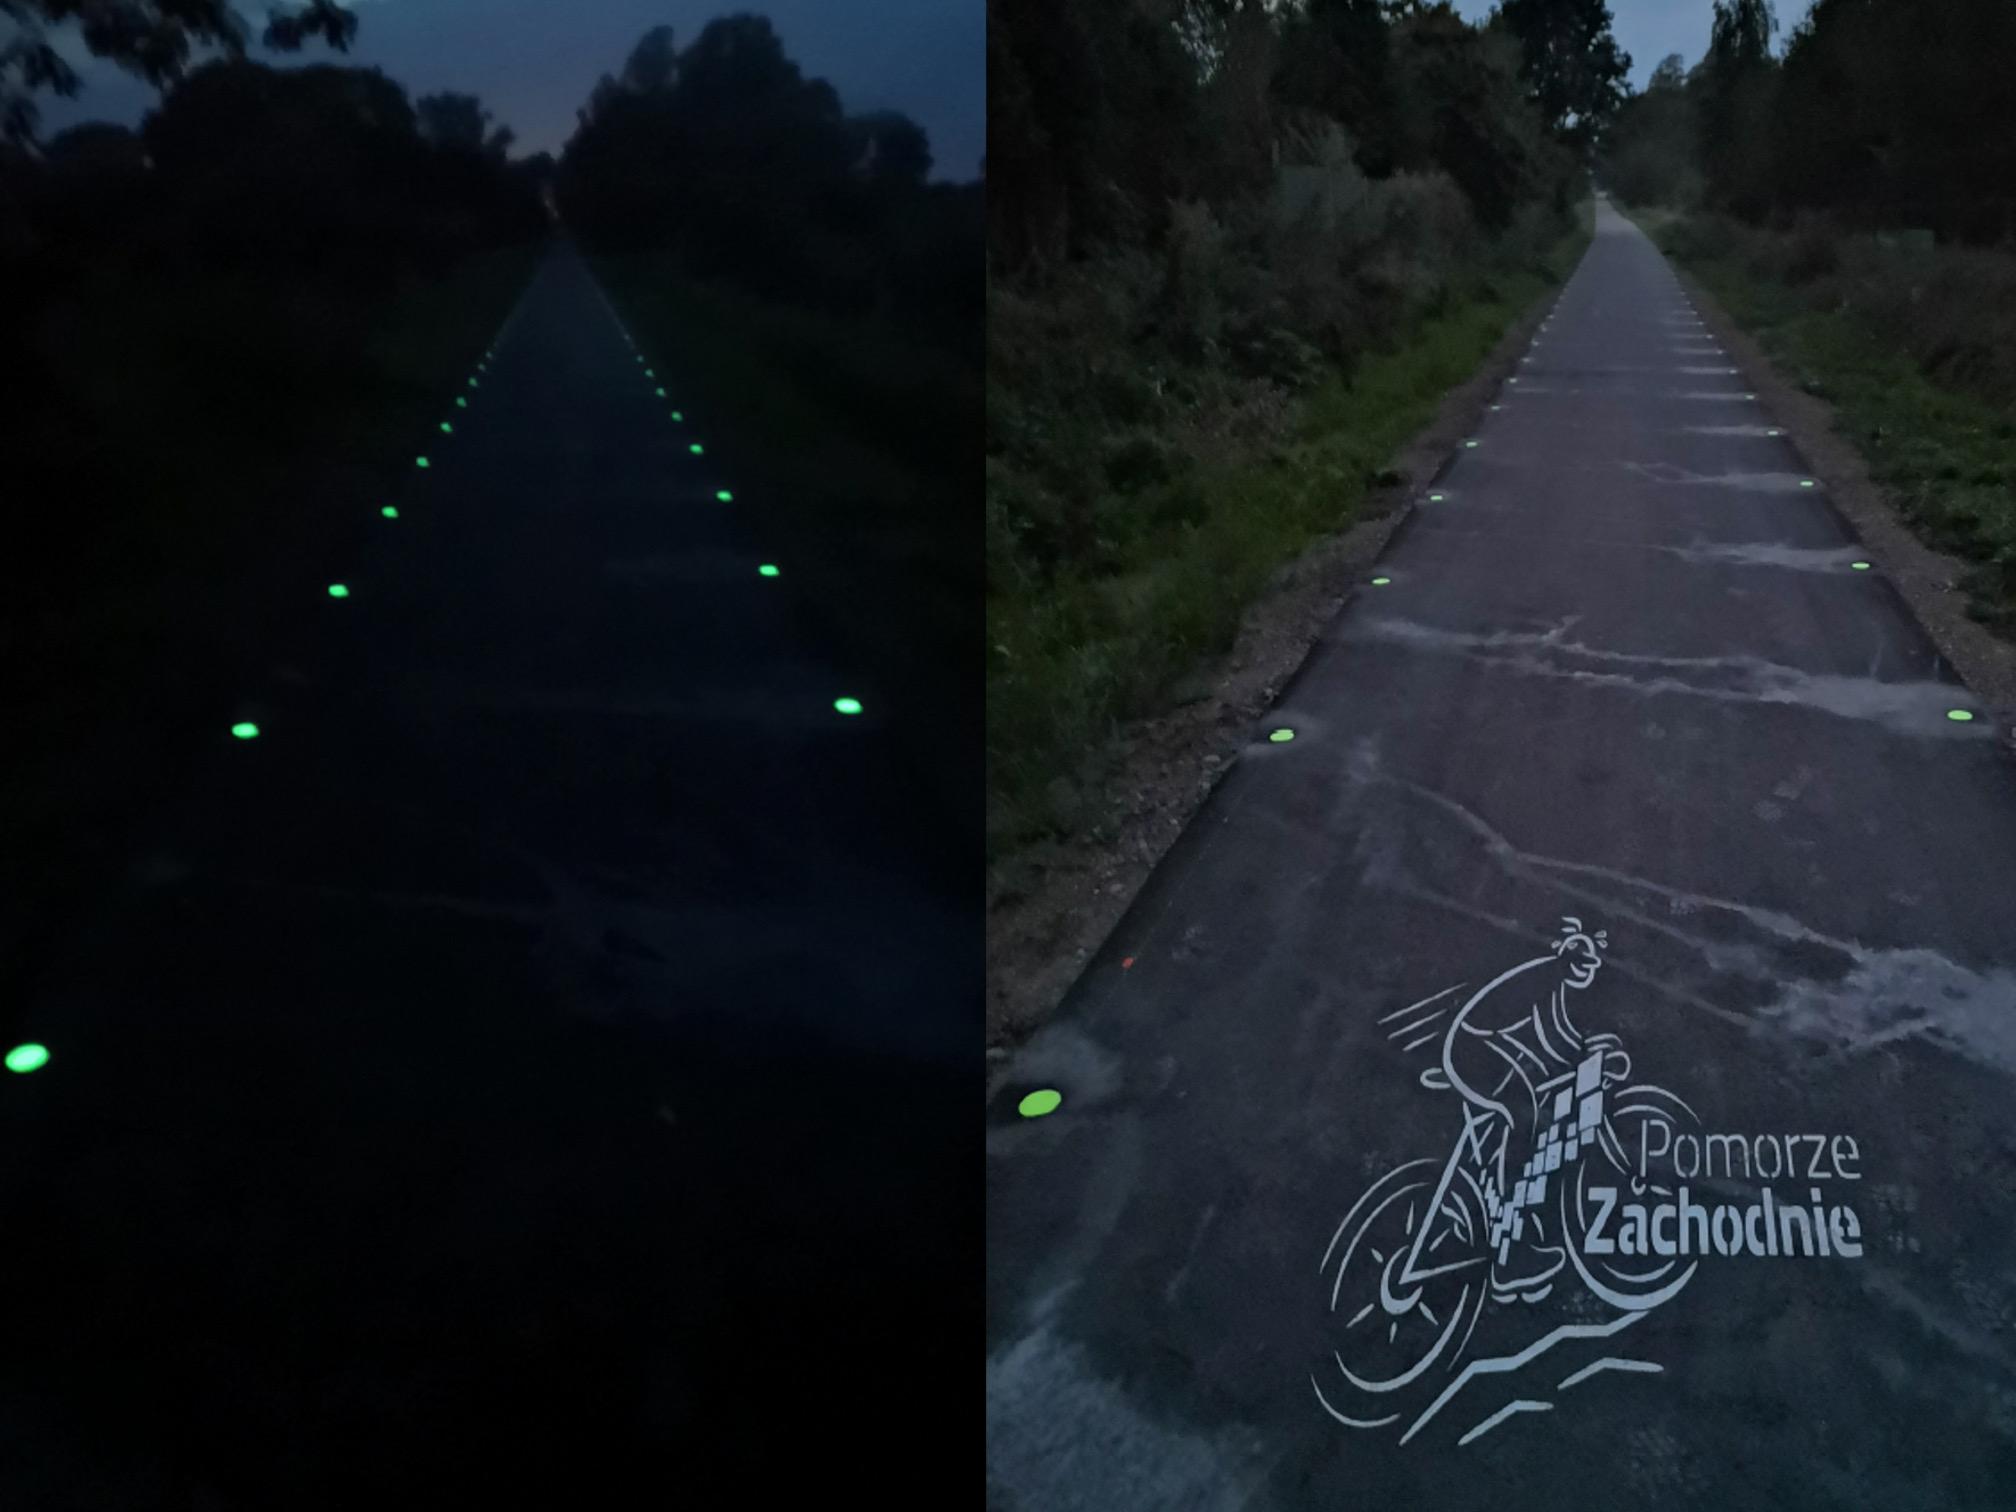 znaczniki fotoluminescencyjne linie krawędziowe trasy rowerowe Pomorze Zachodnie